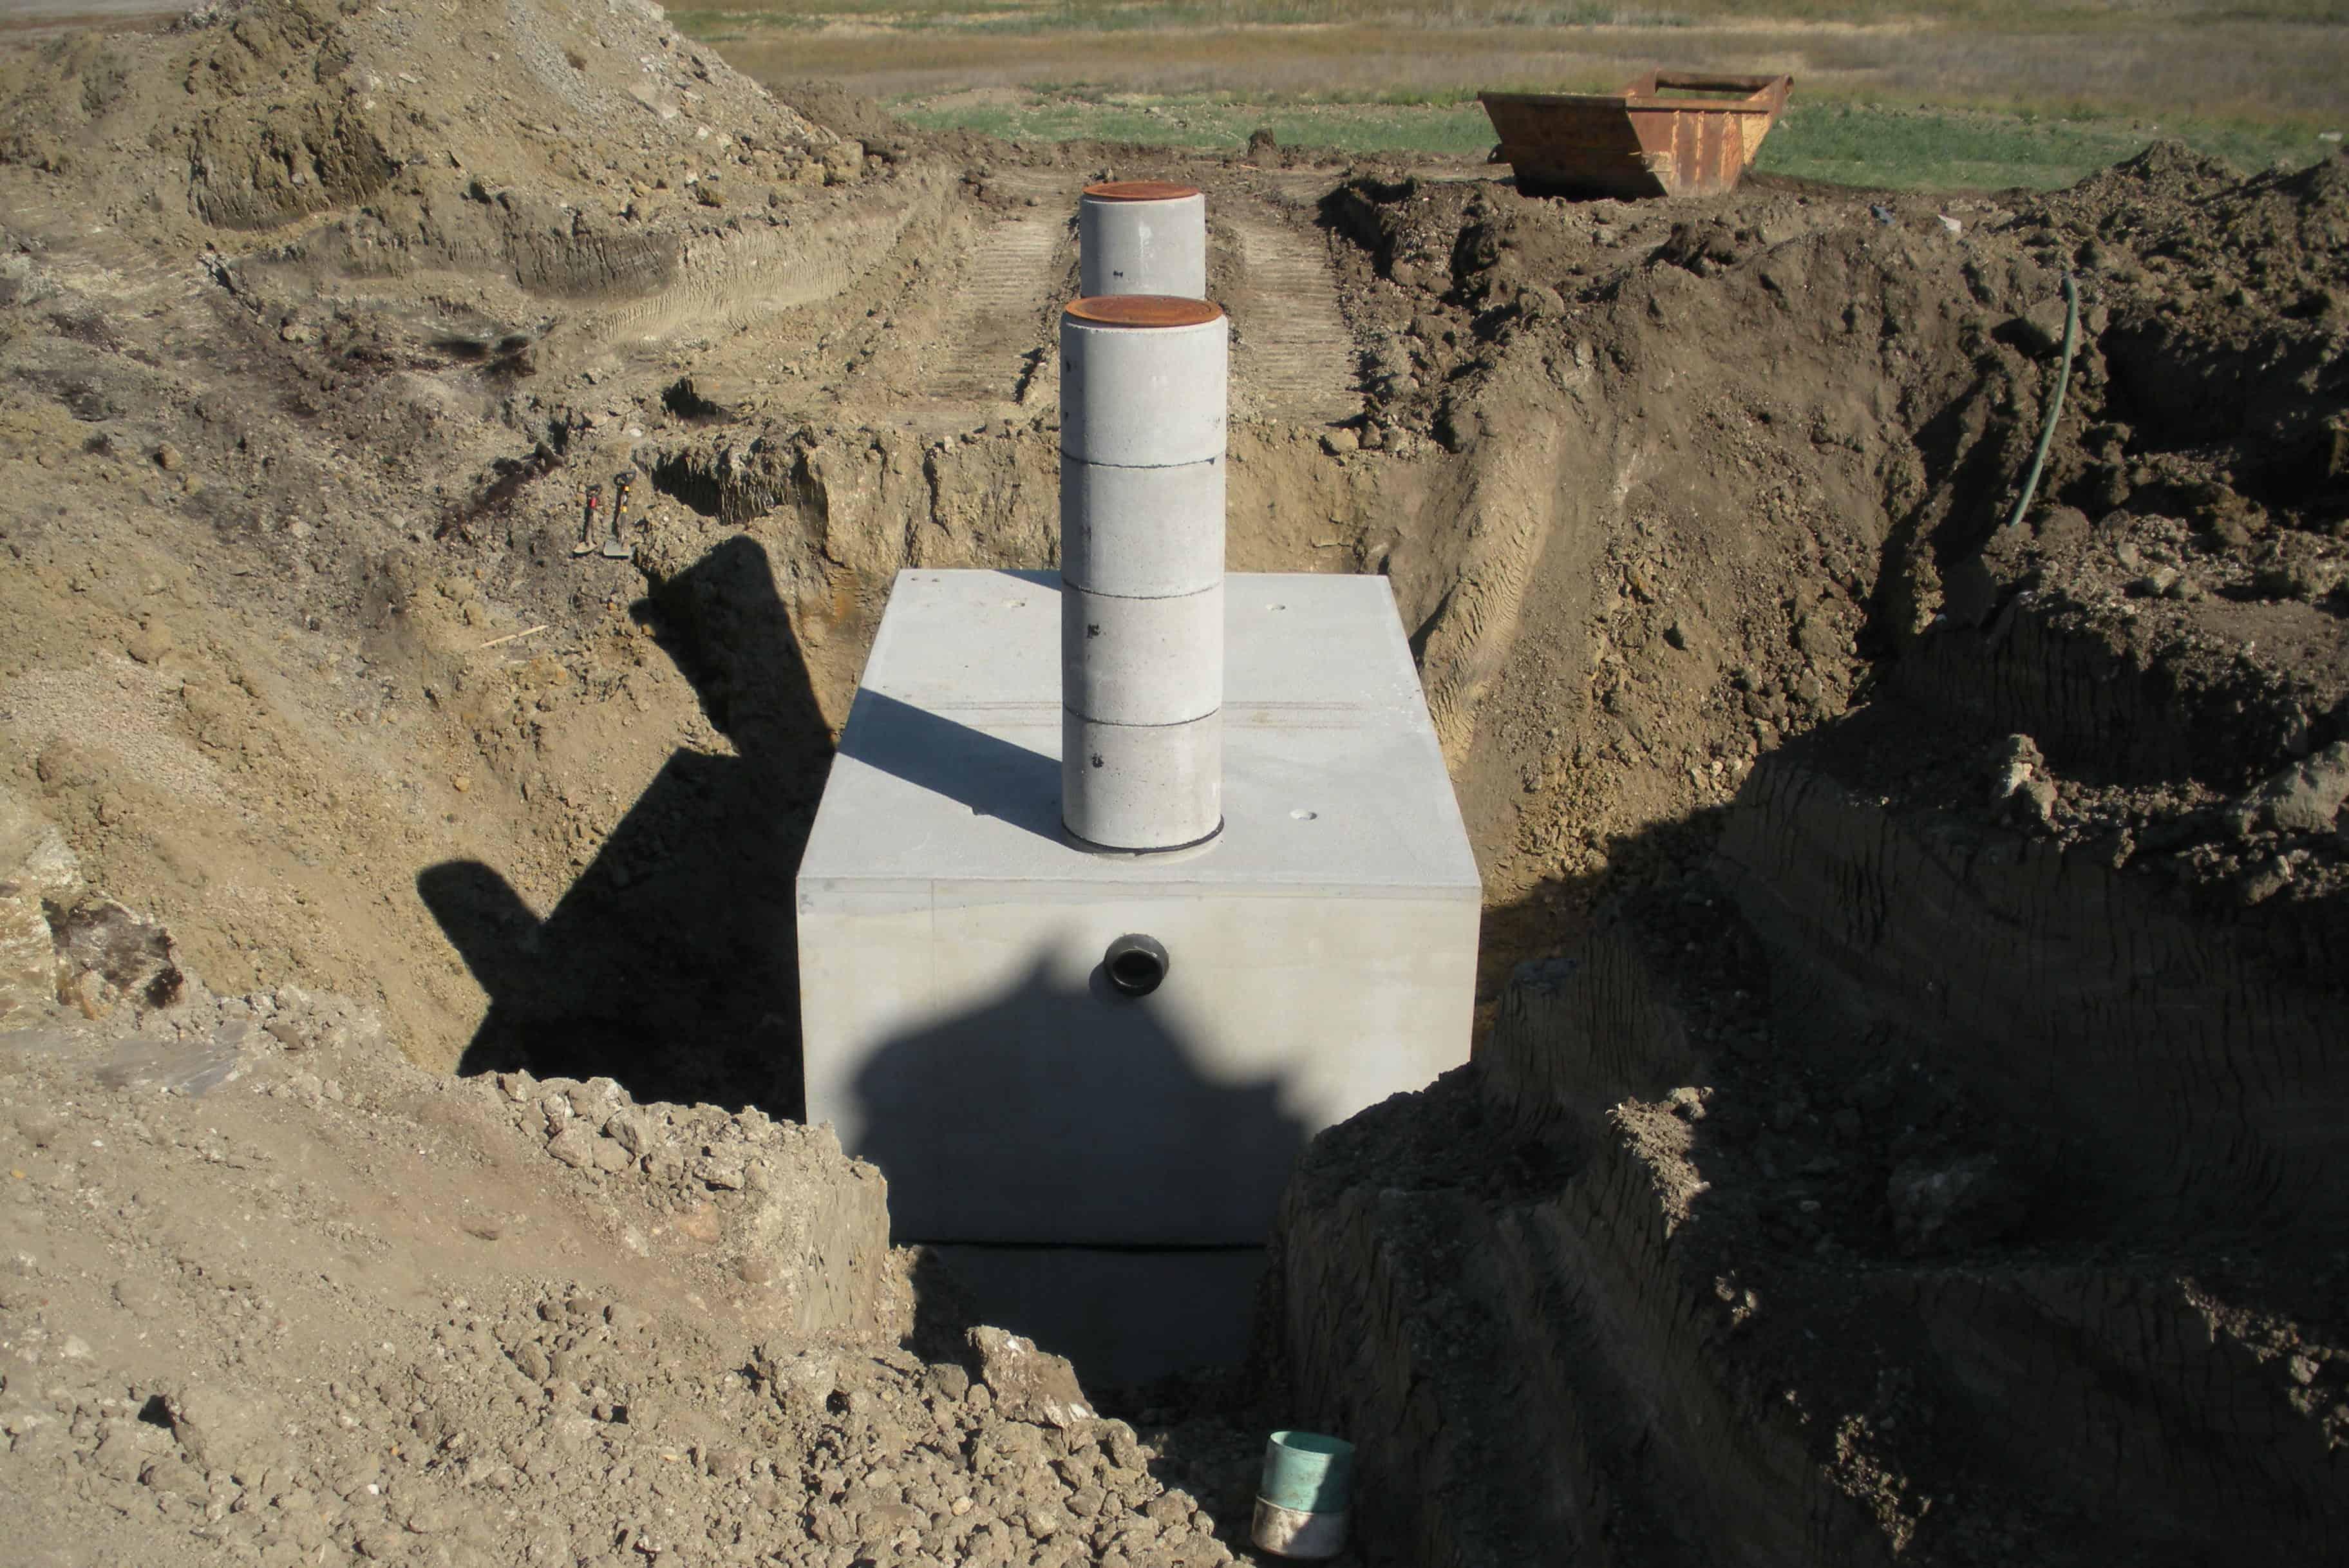 Stormwater Retention 10,000 Gallon Precast Concrete Tank